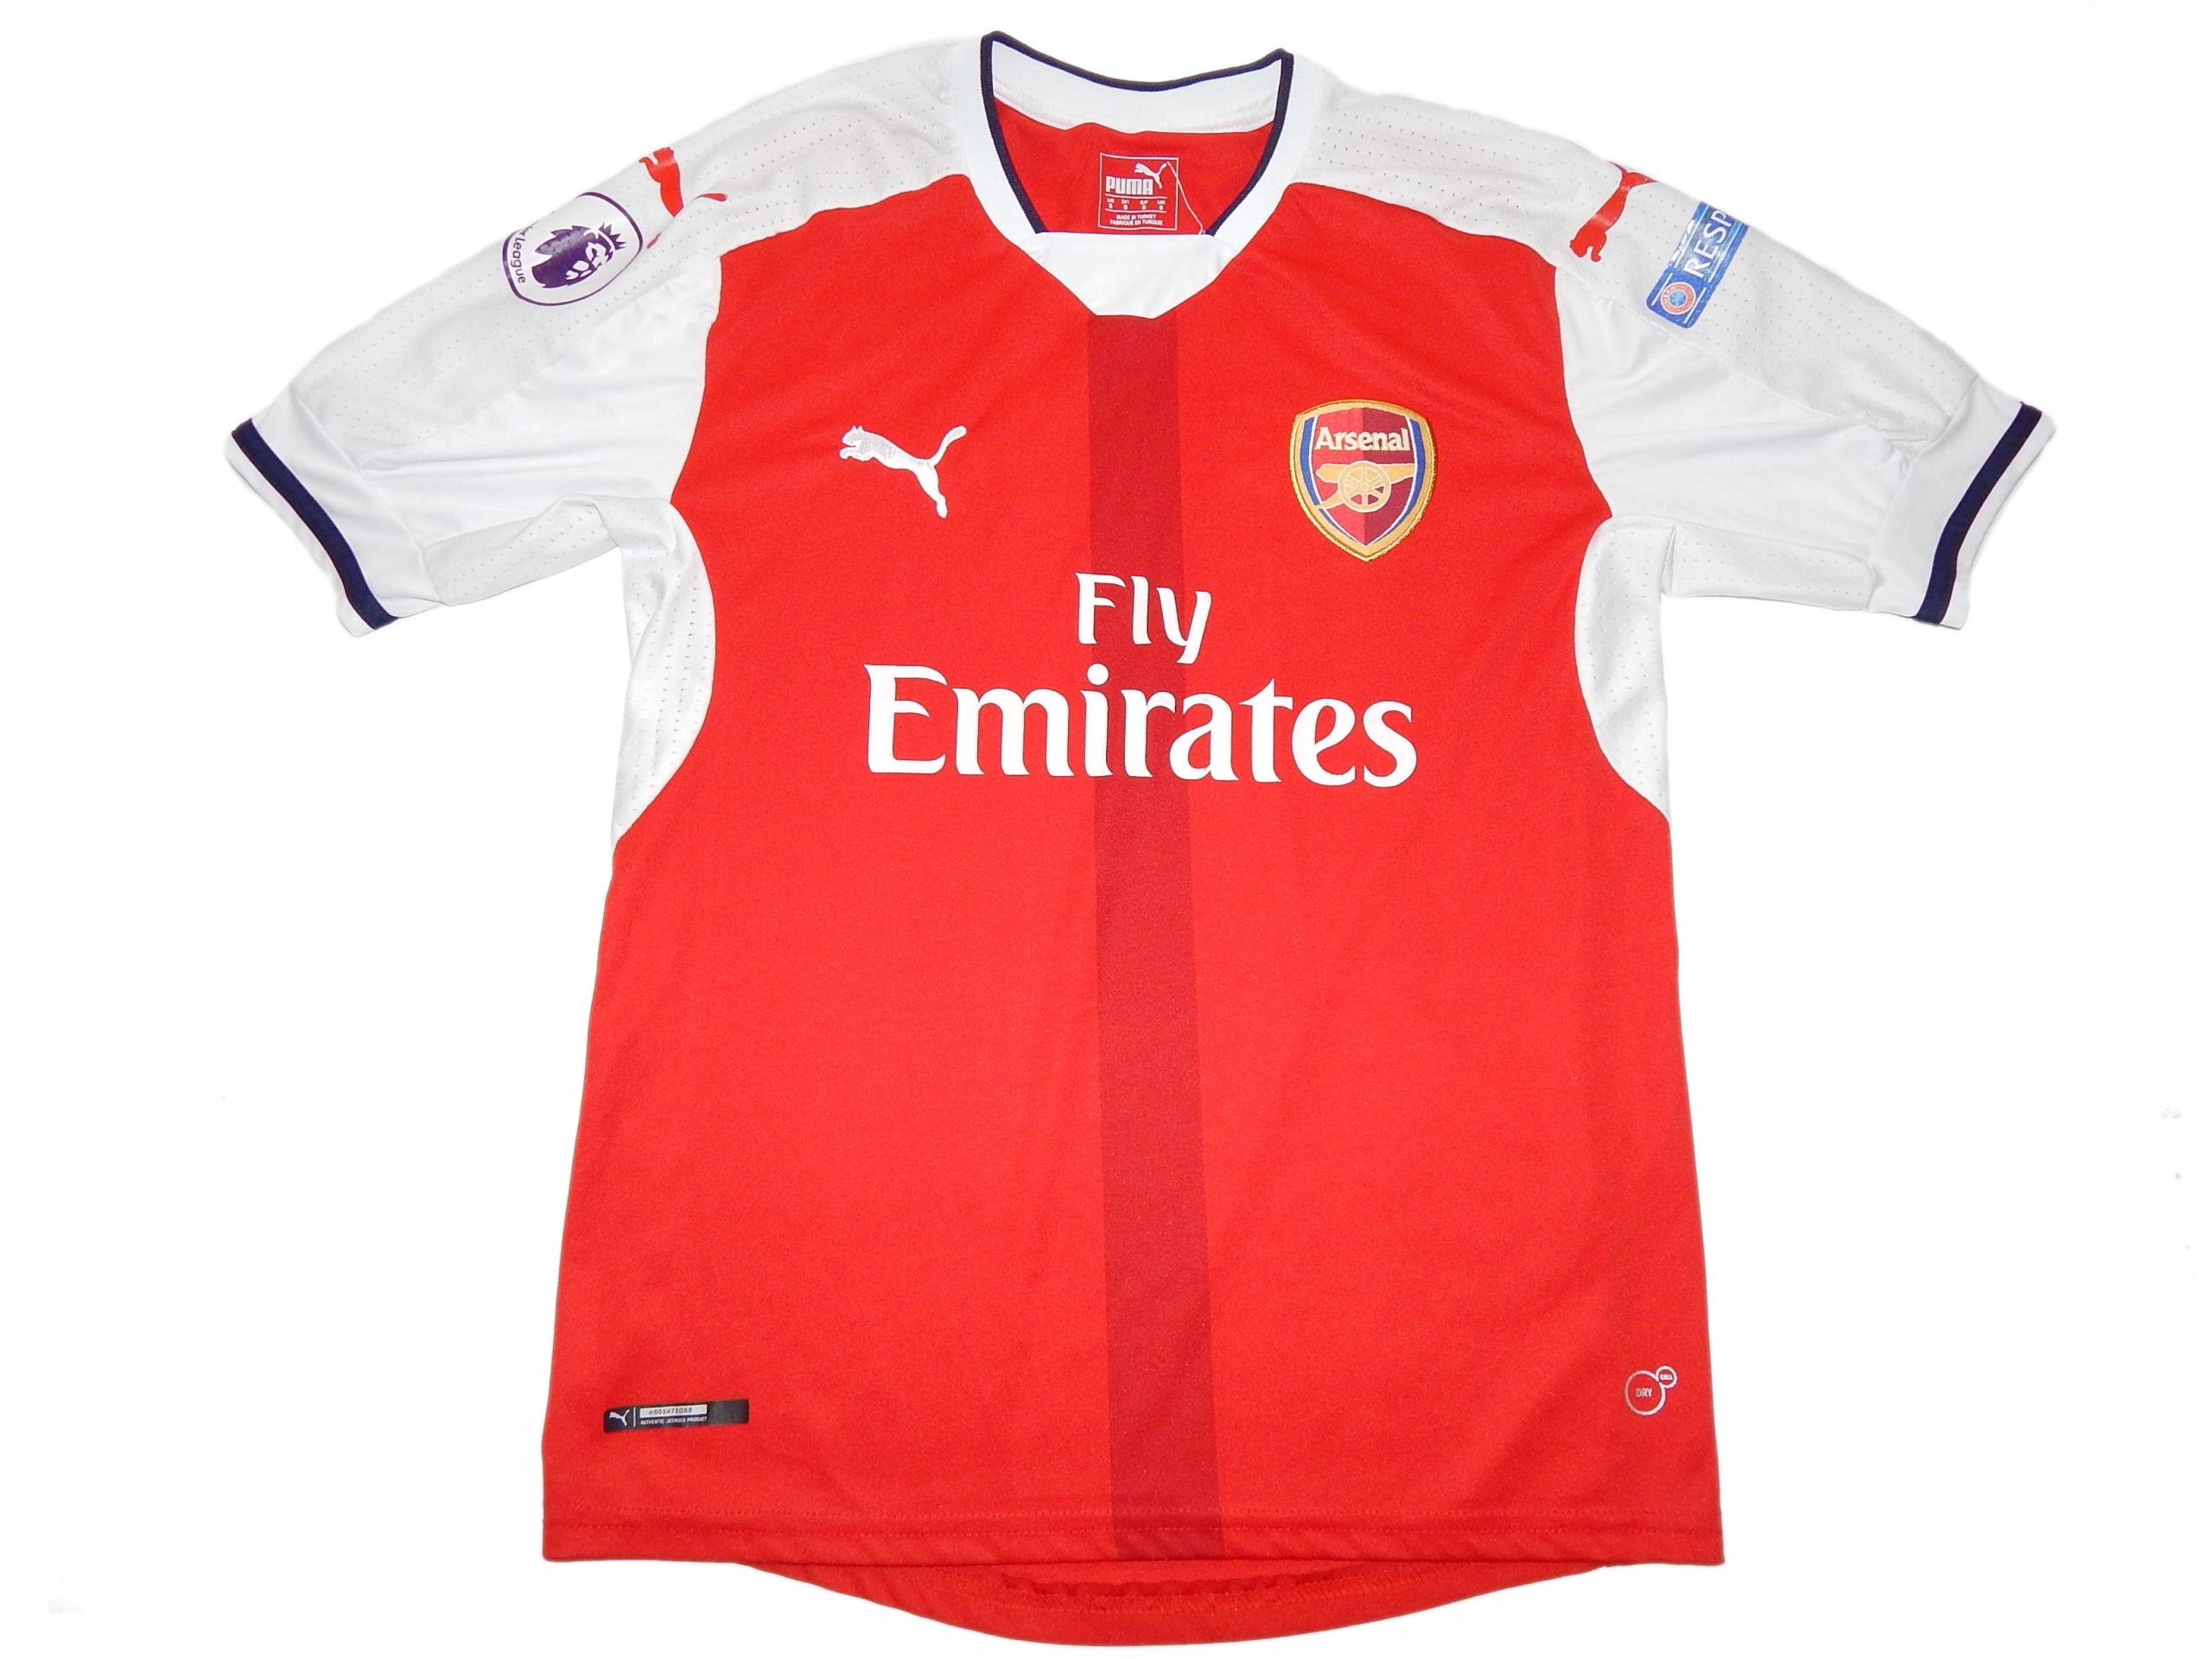 Koszulka Puma Arsenal, S